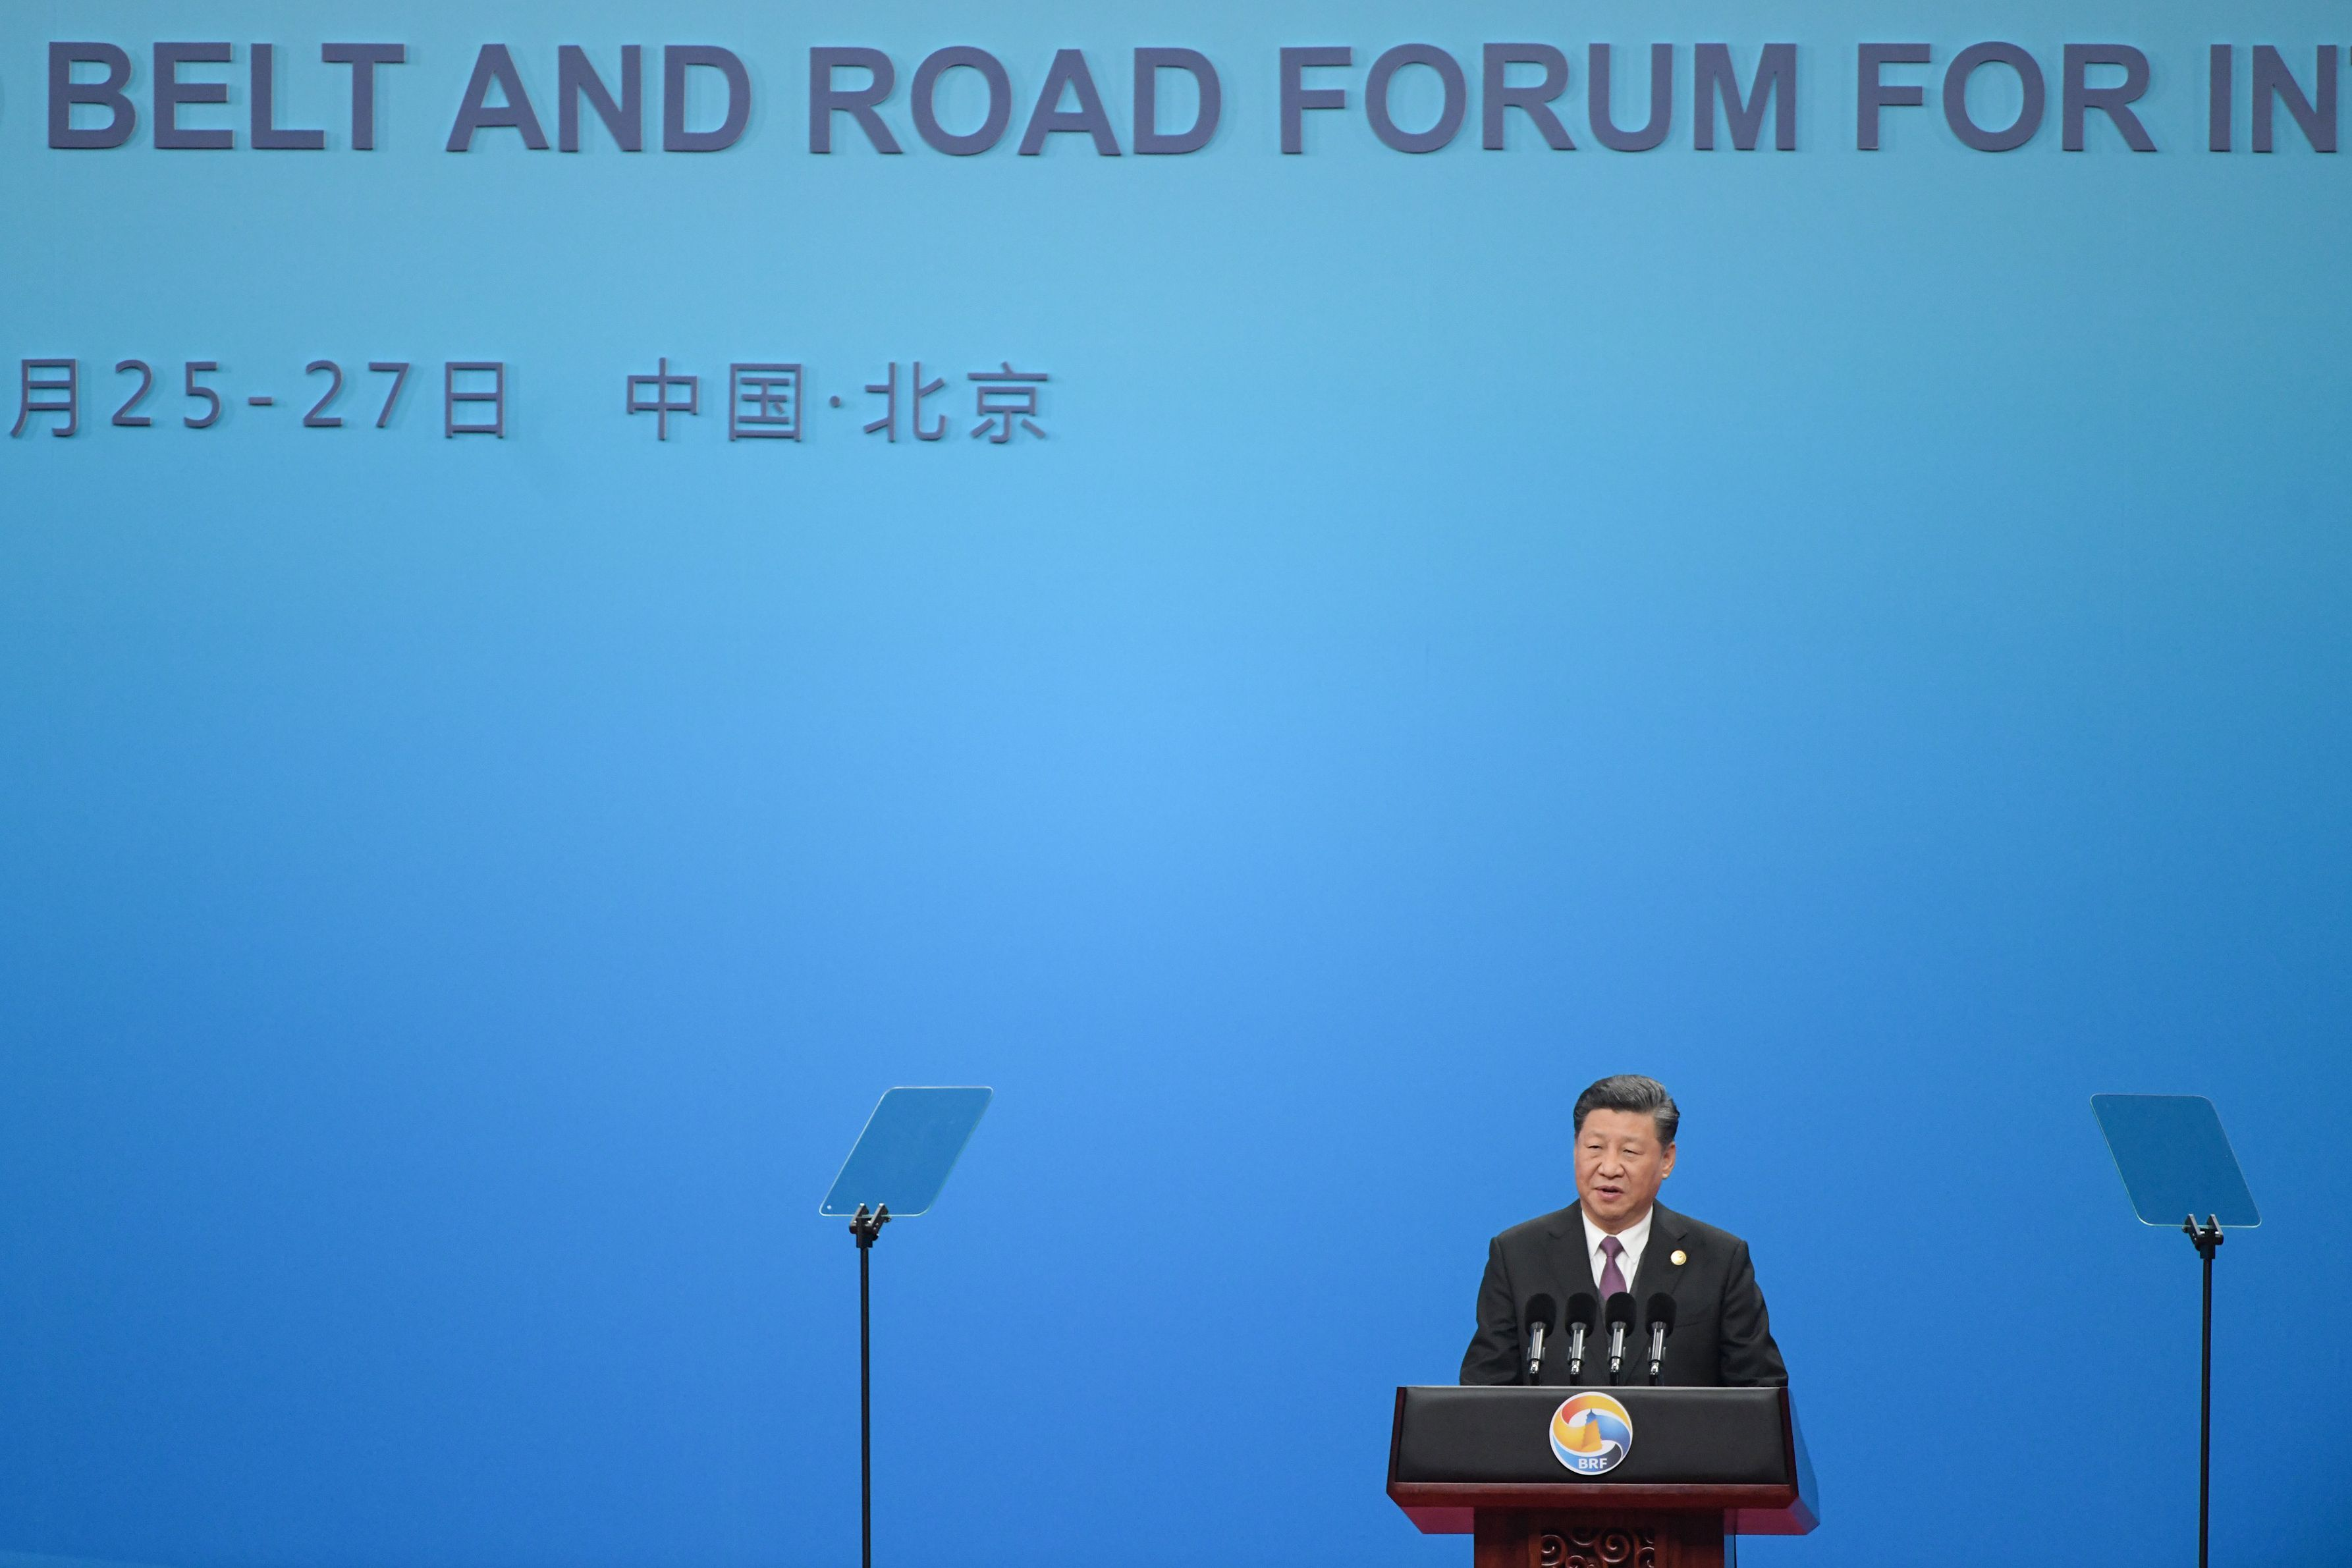 中国国家主席、「一帯一路」を擁護-腐敗許さずと表明